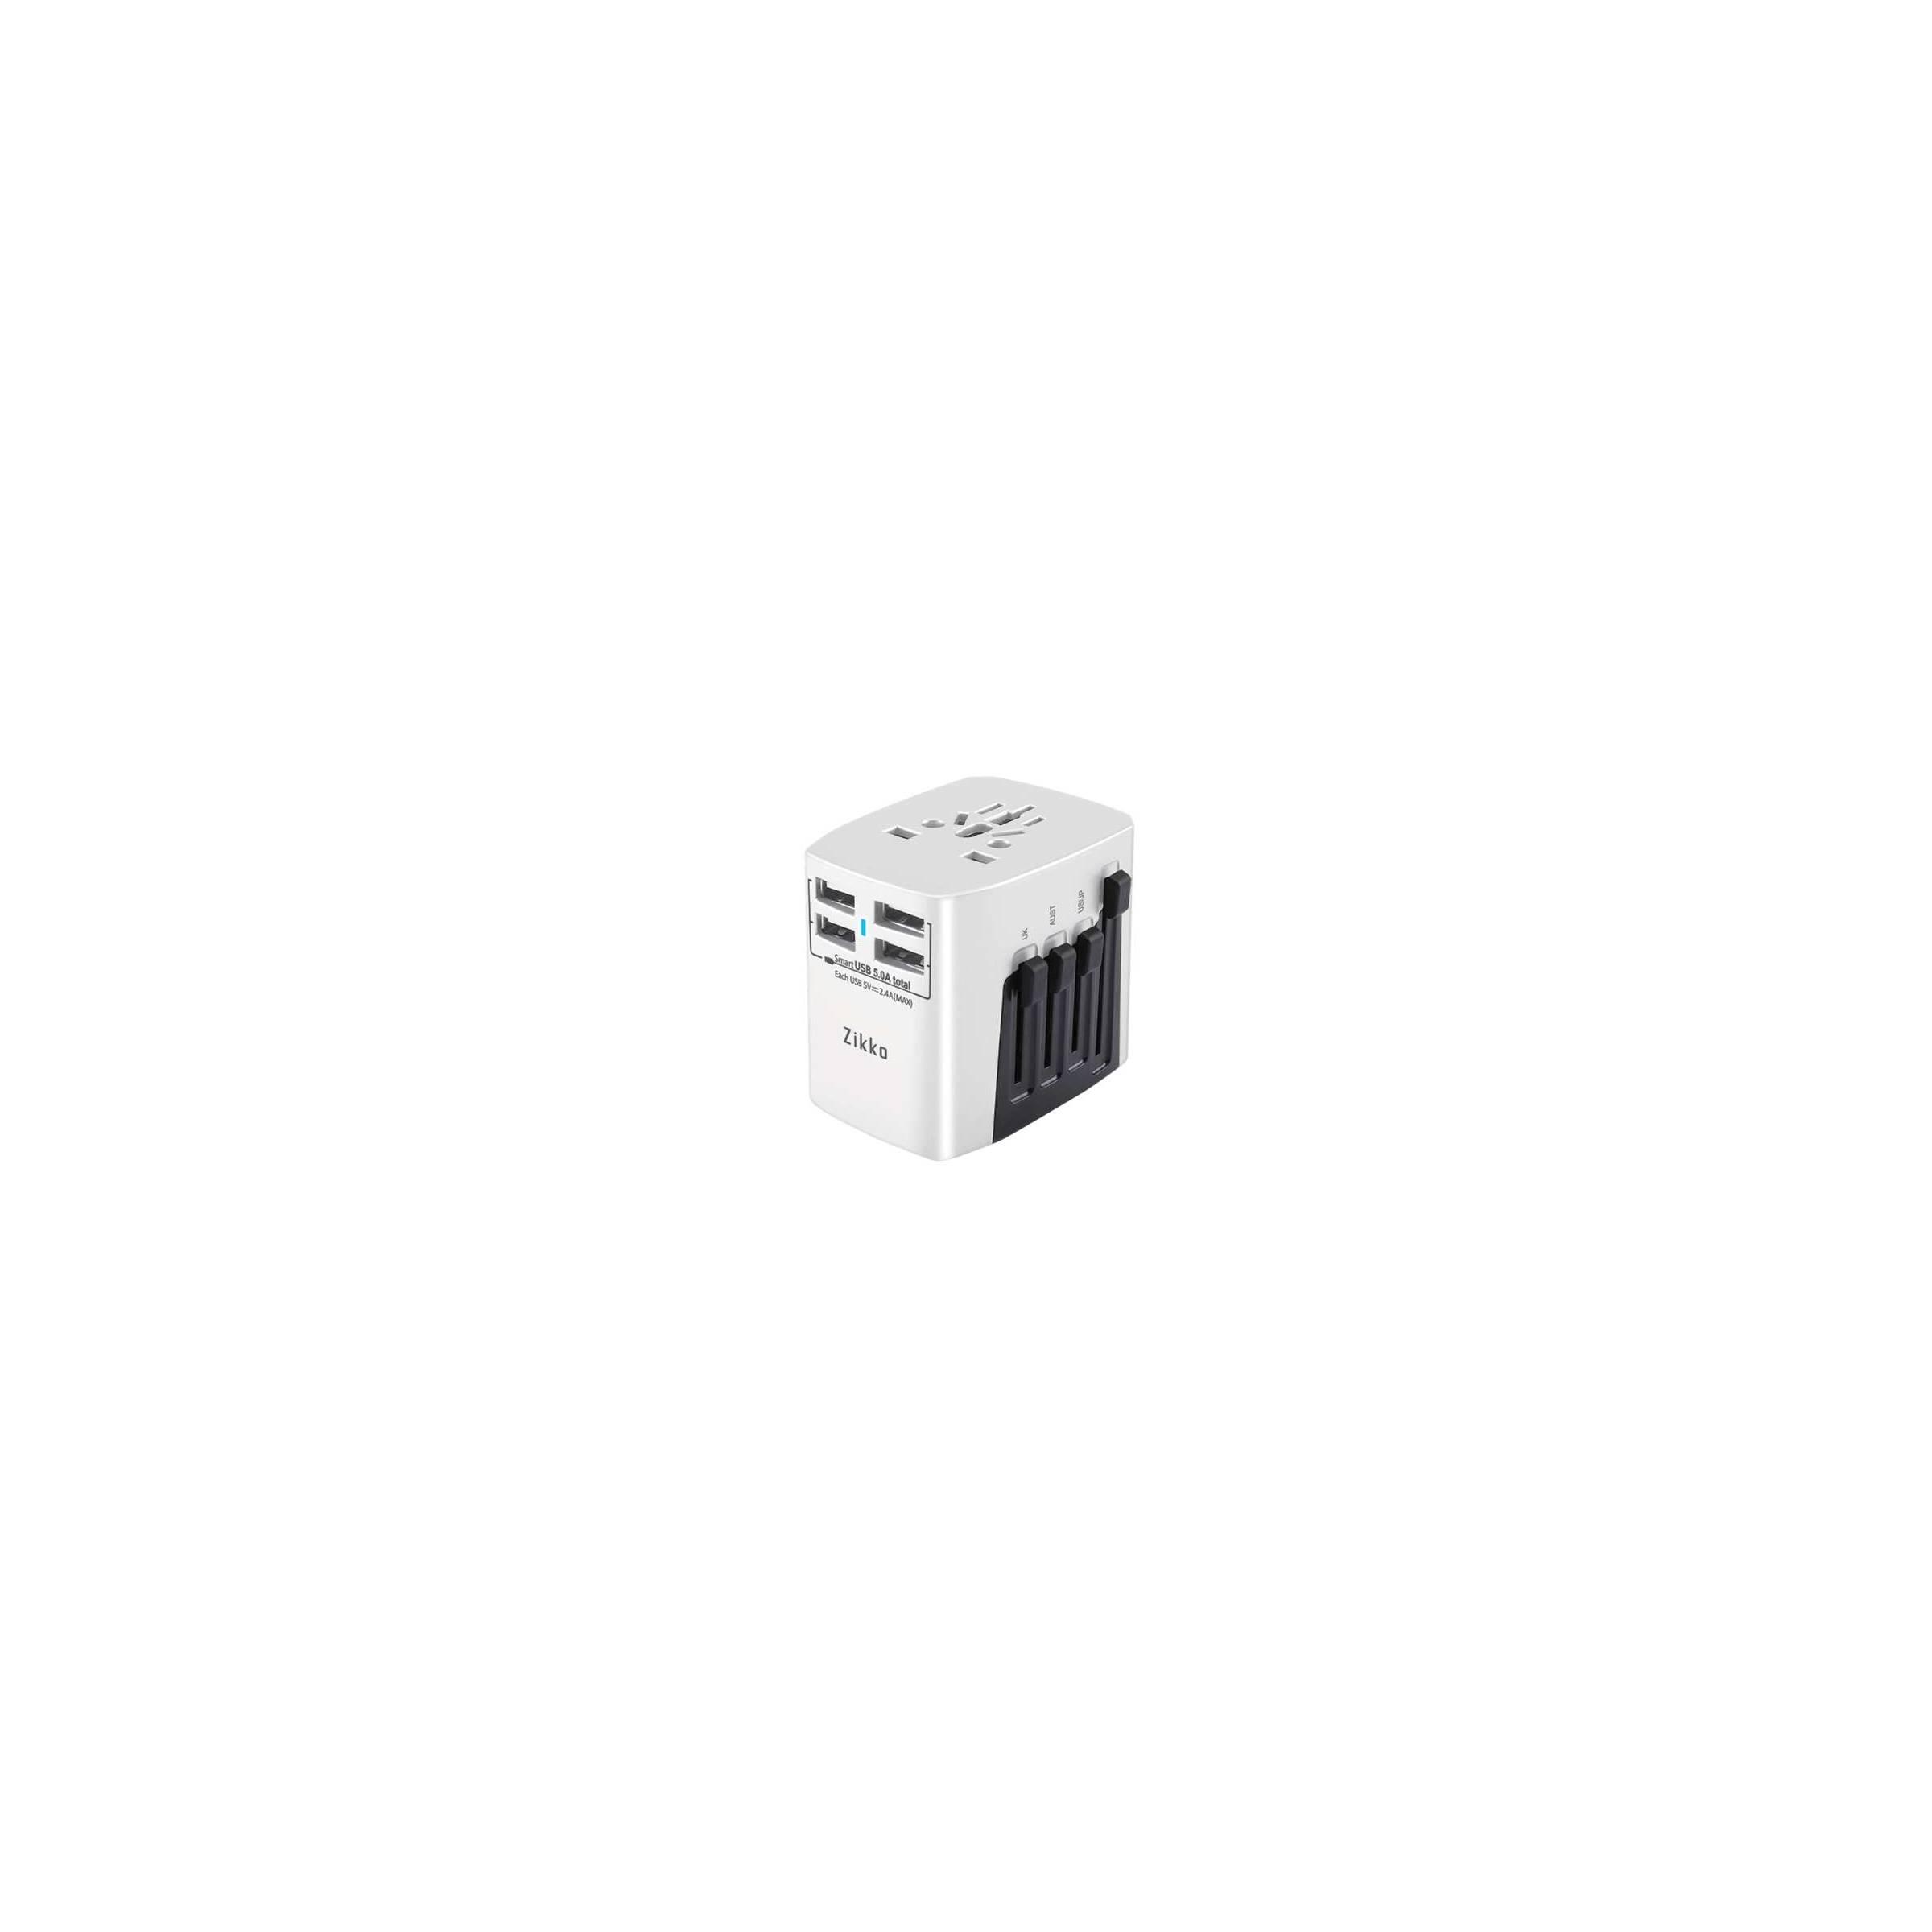 zikko – Zikko travel adapter 4 usb port i hvid på mackabler.dk